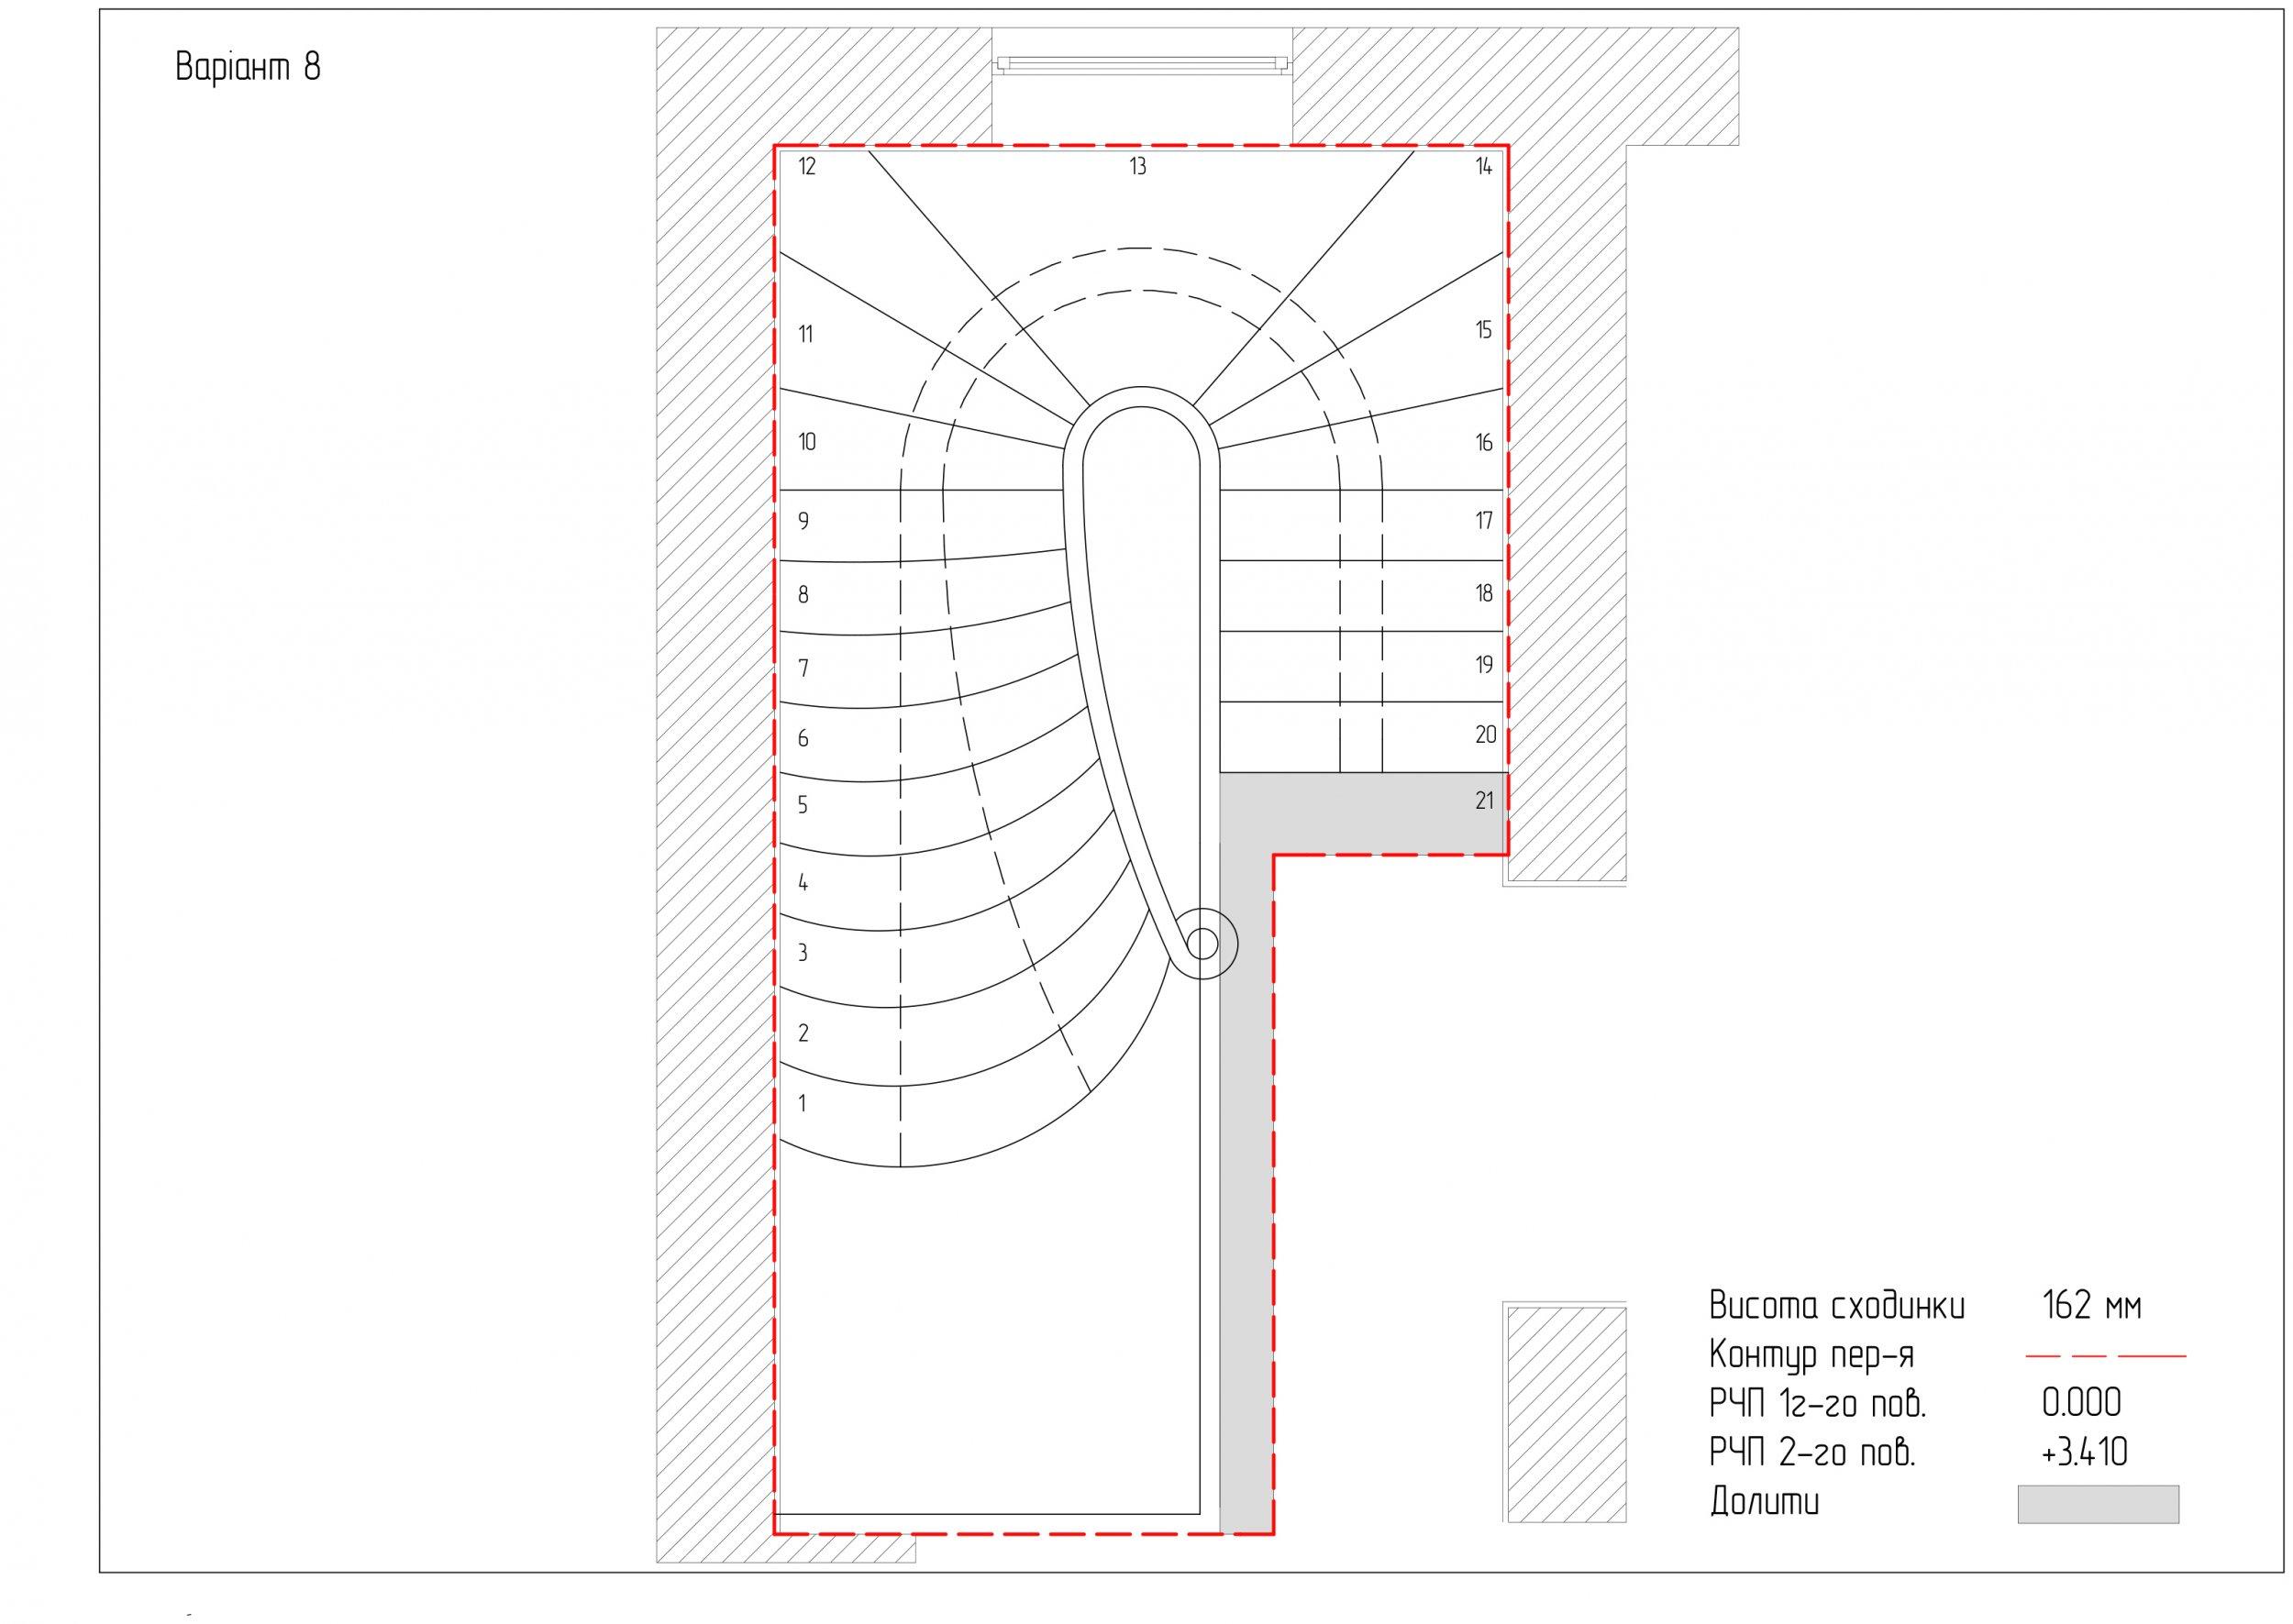 проектування драбини